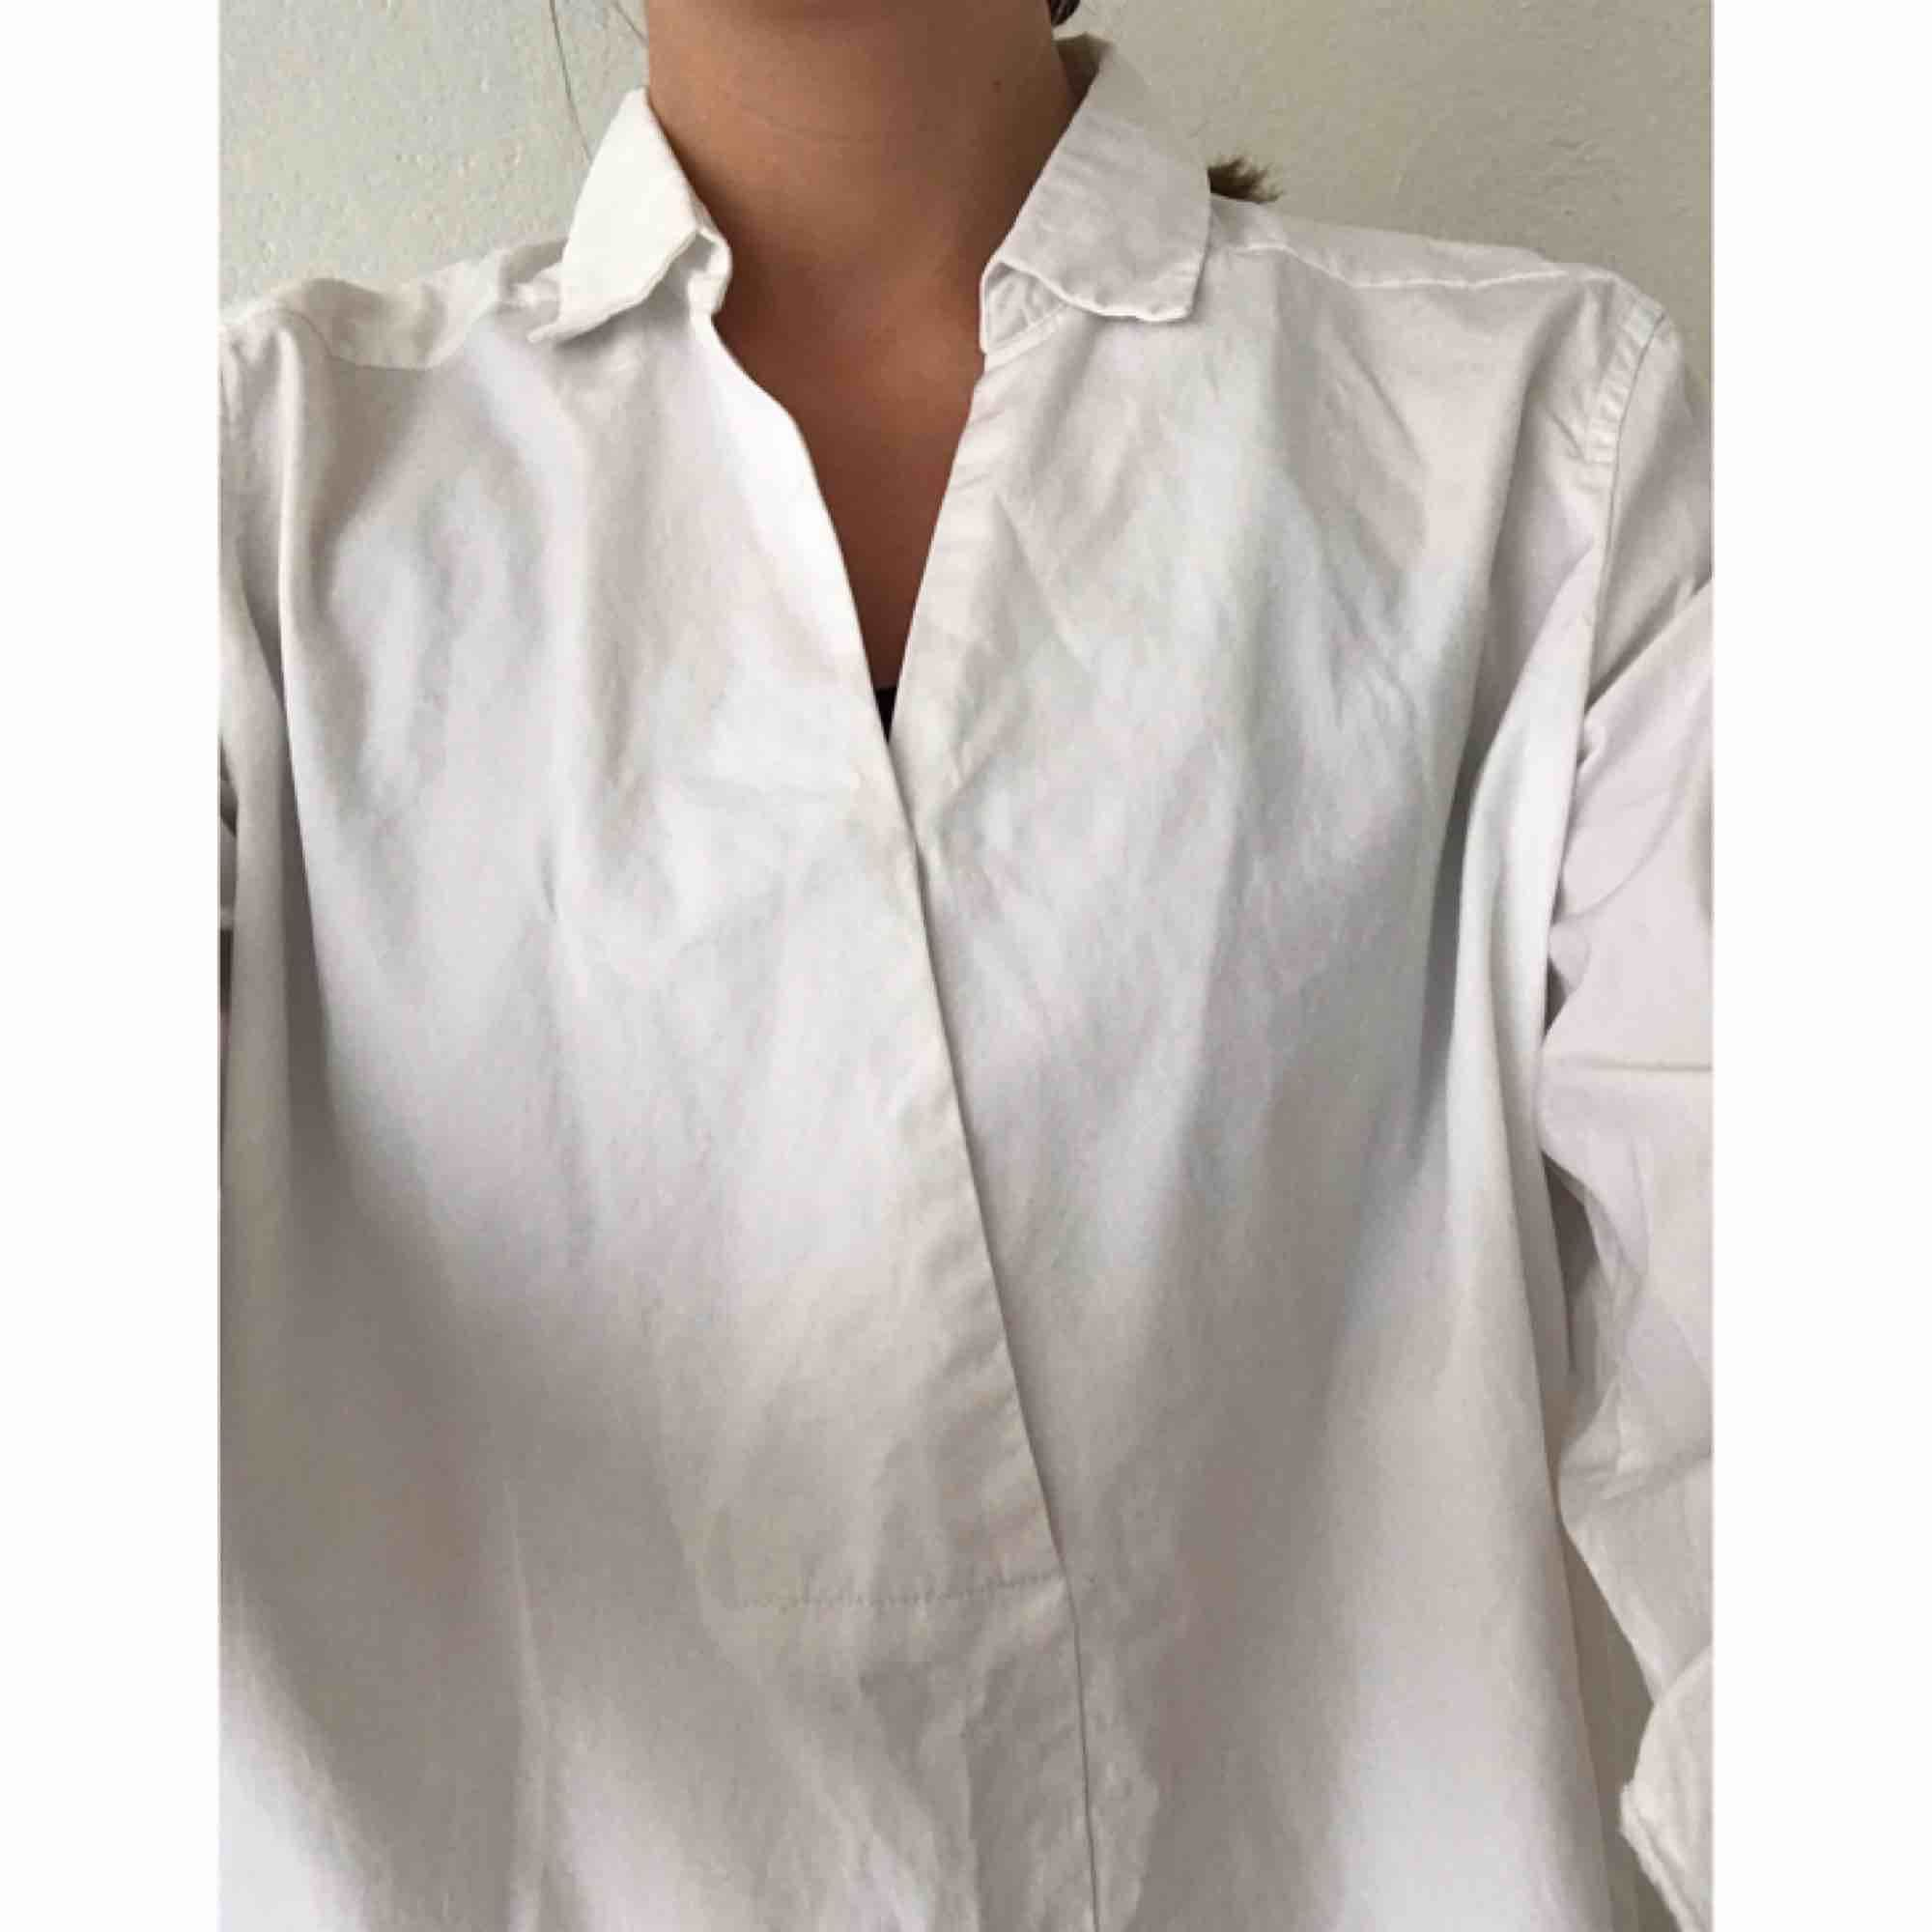 Poplin-skjorta med trekvartsärm, från brittiska Hobbs London. Nypris 995:- 100% bomull, fint skick, ostruken på bilderna dock. Frakt tillkommer på 45:-. . Skjortor.